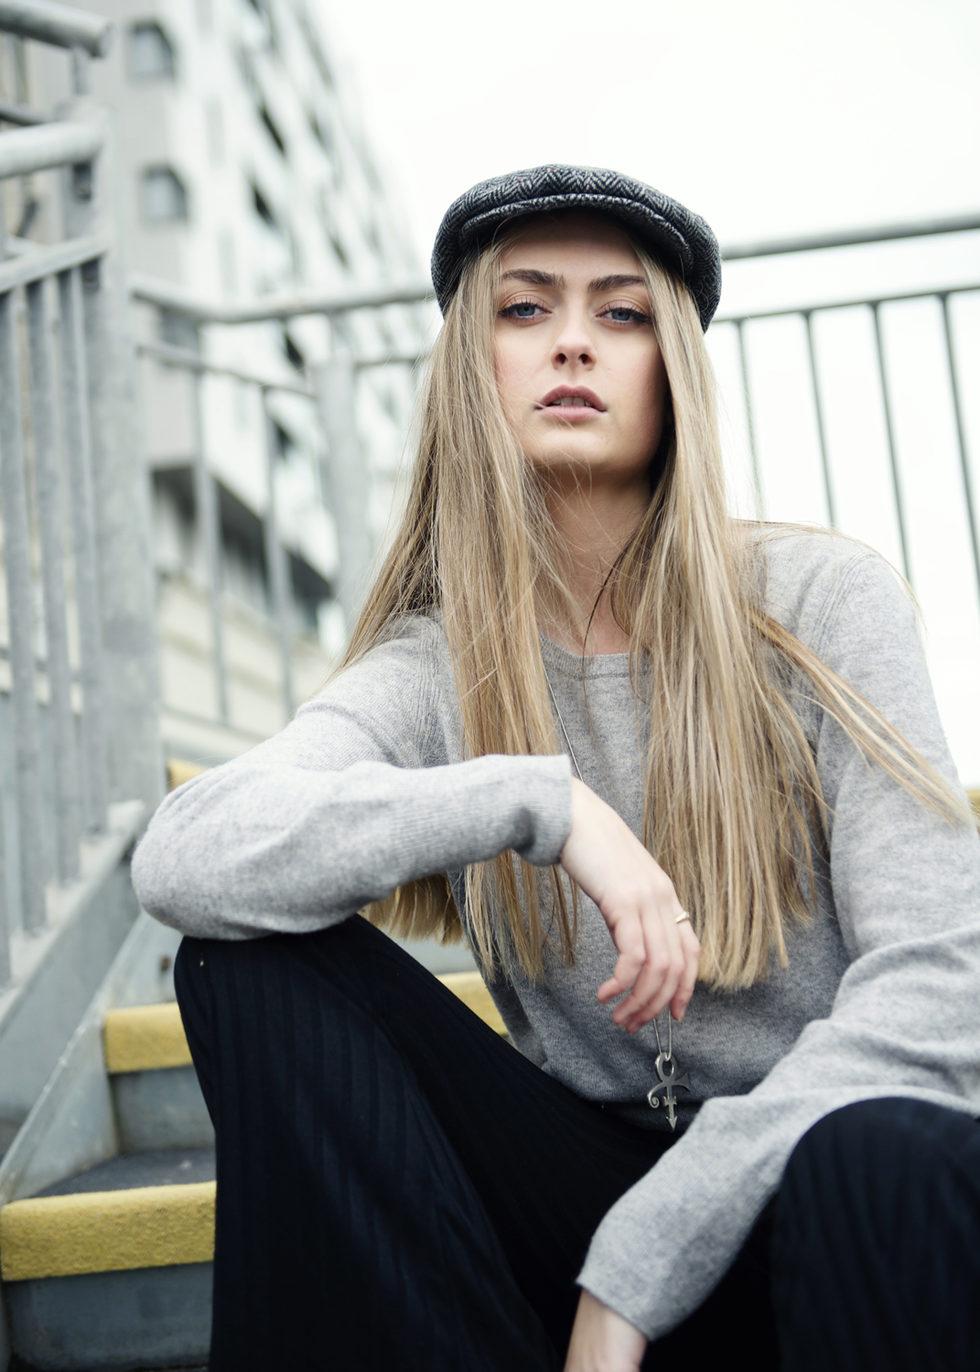 Model Portfolio photography Brighton by